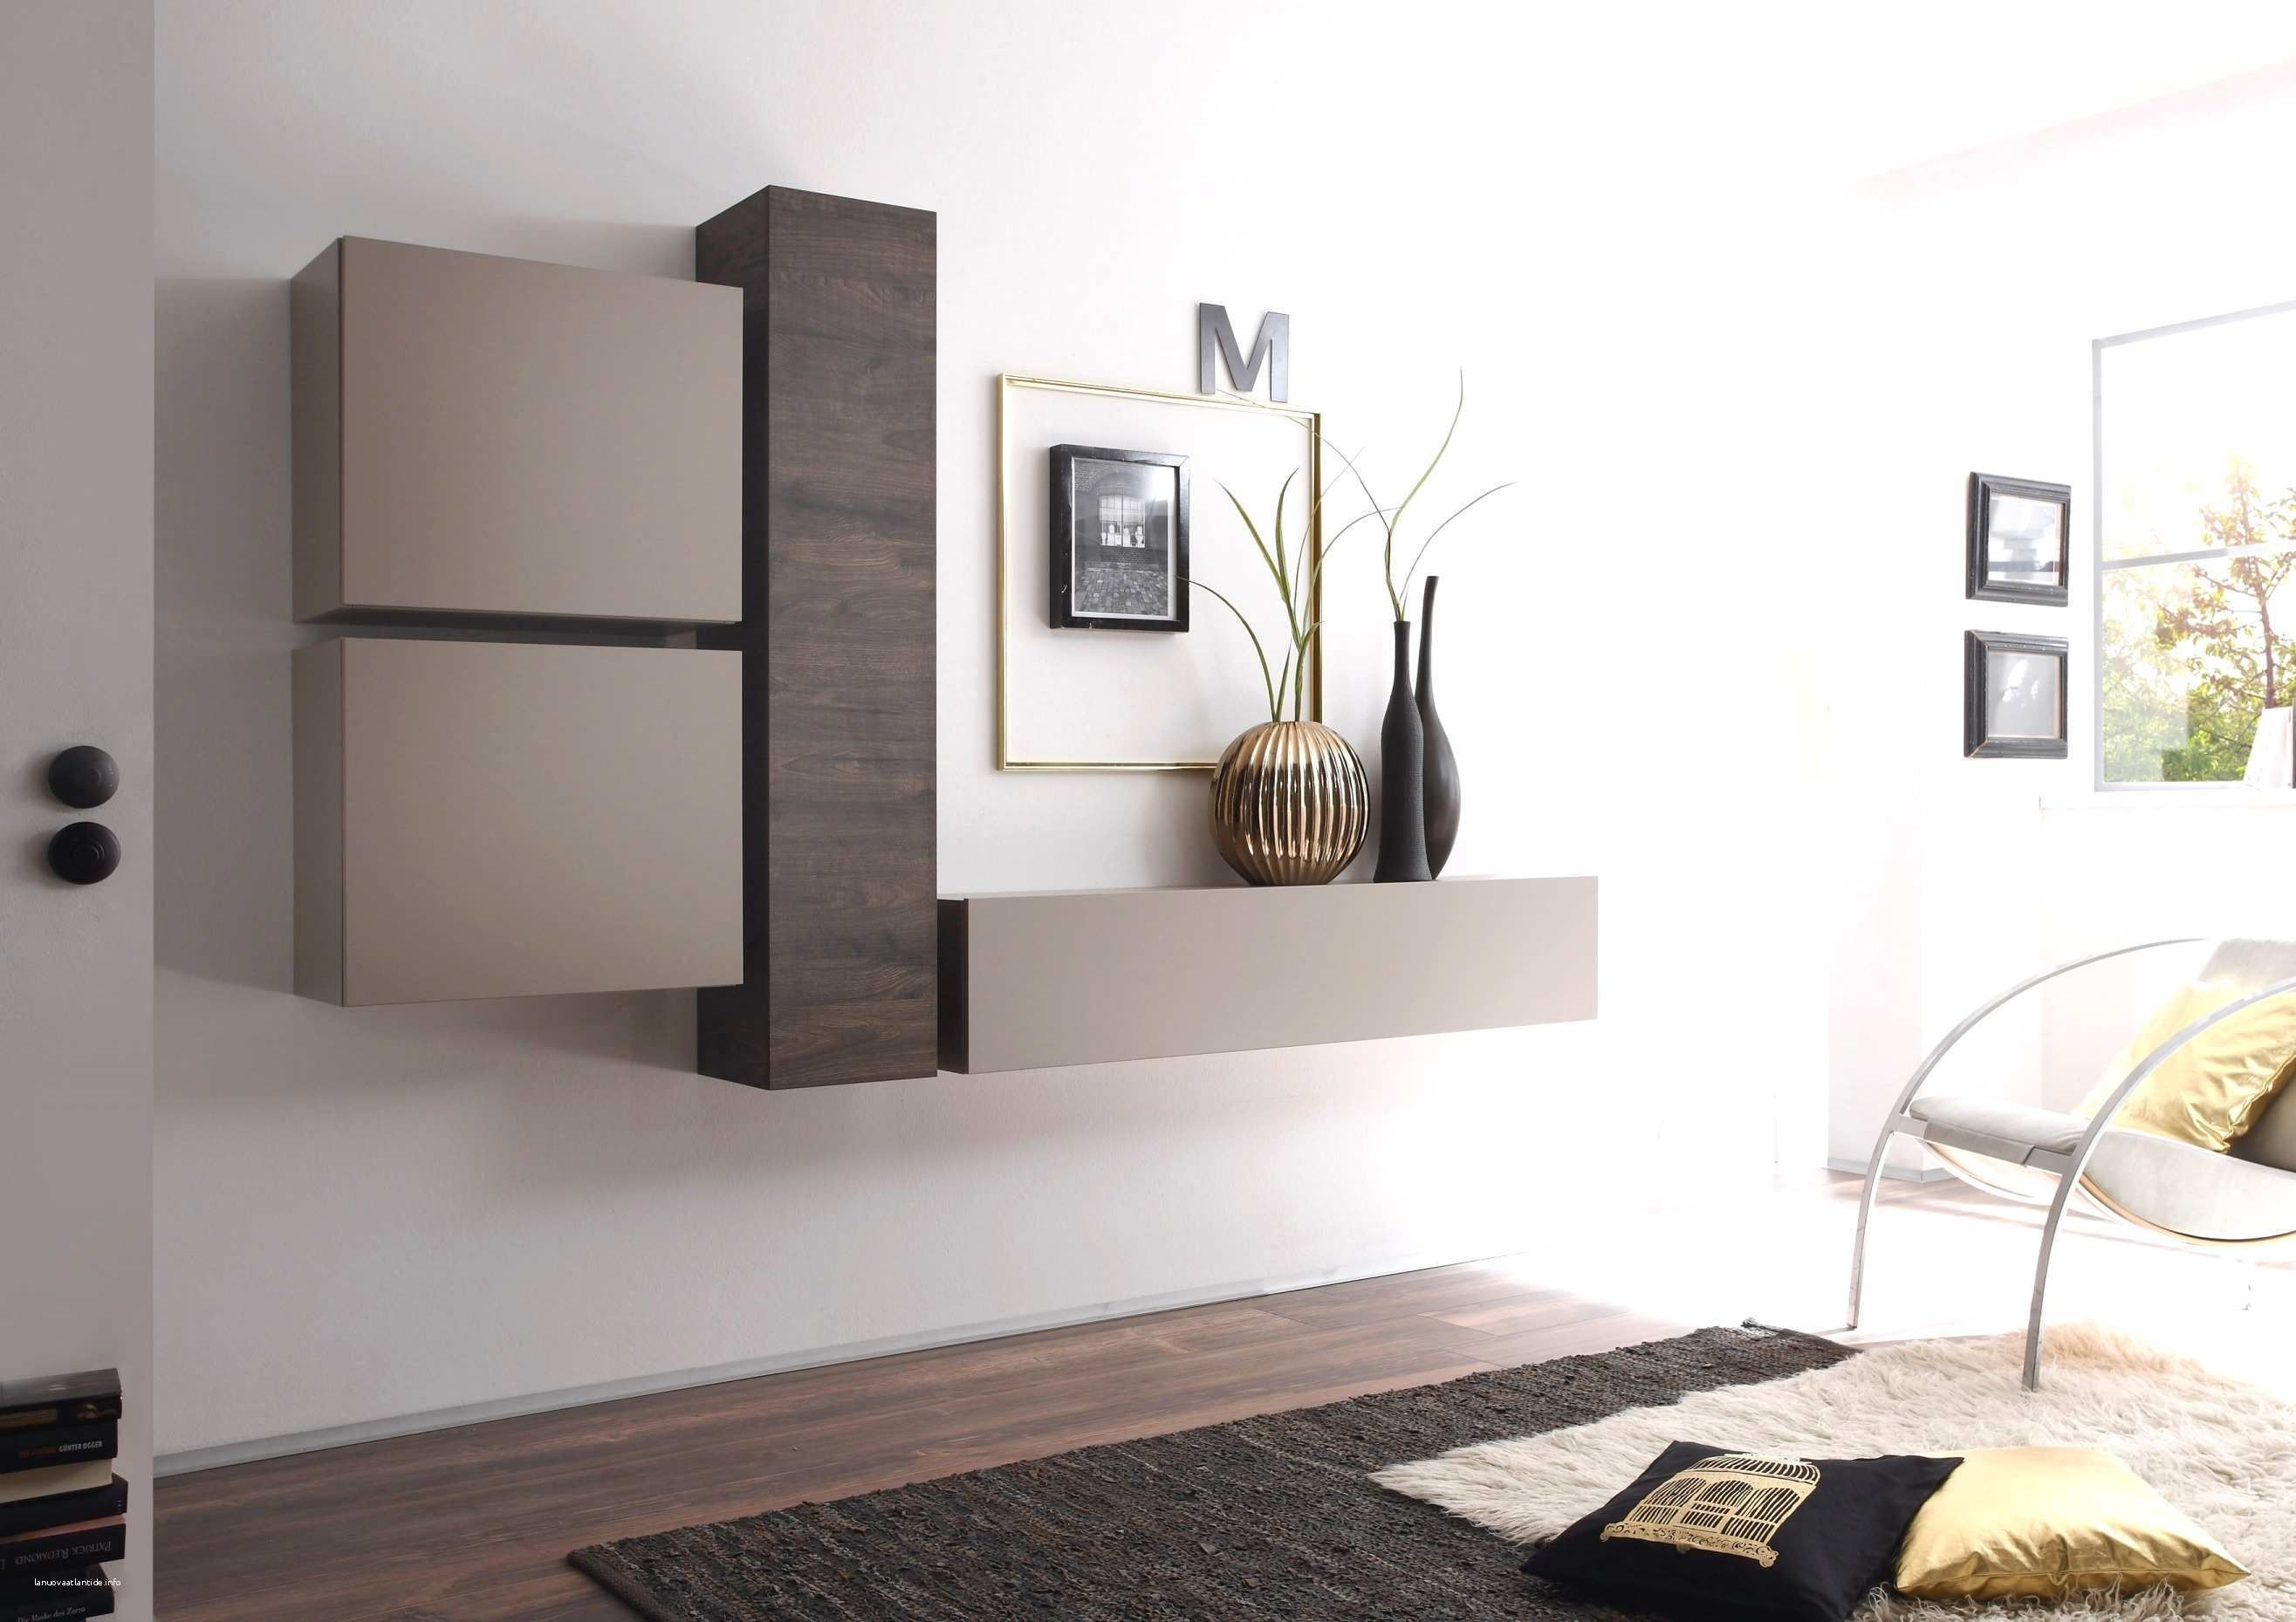 Ikea Wohnzimmer Einrichtung | Wohnzimmer Einrichten Ideen ...